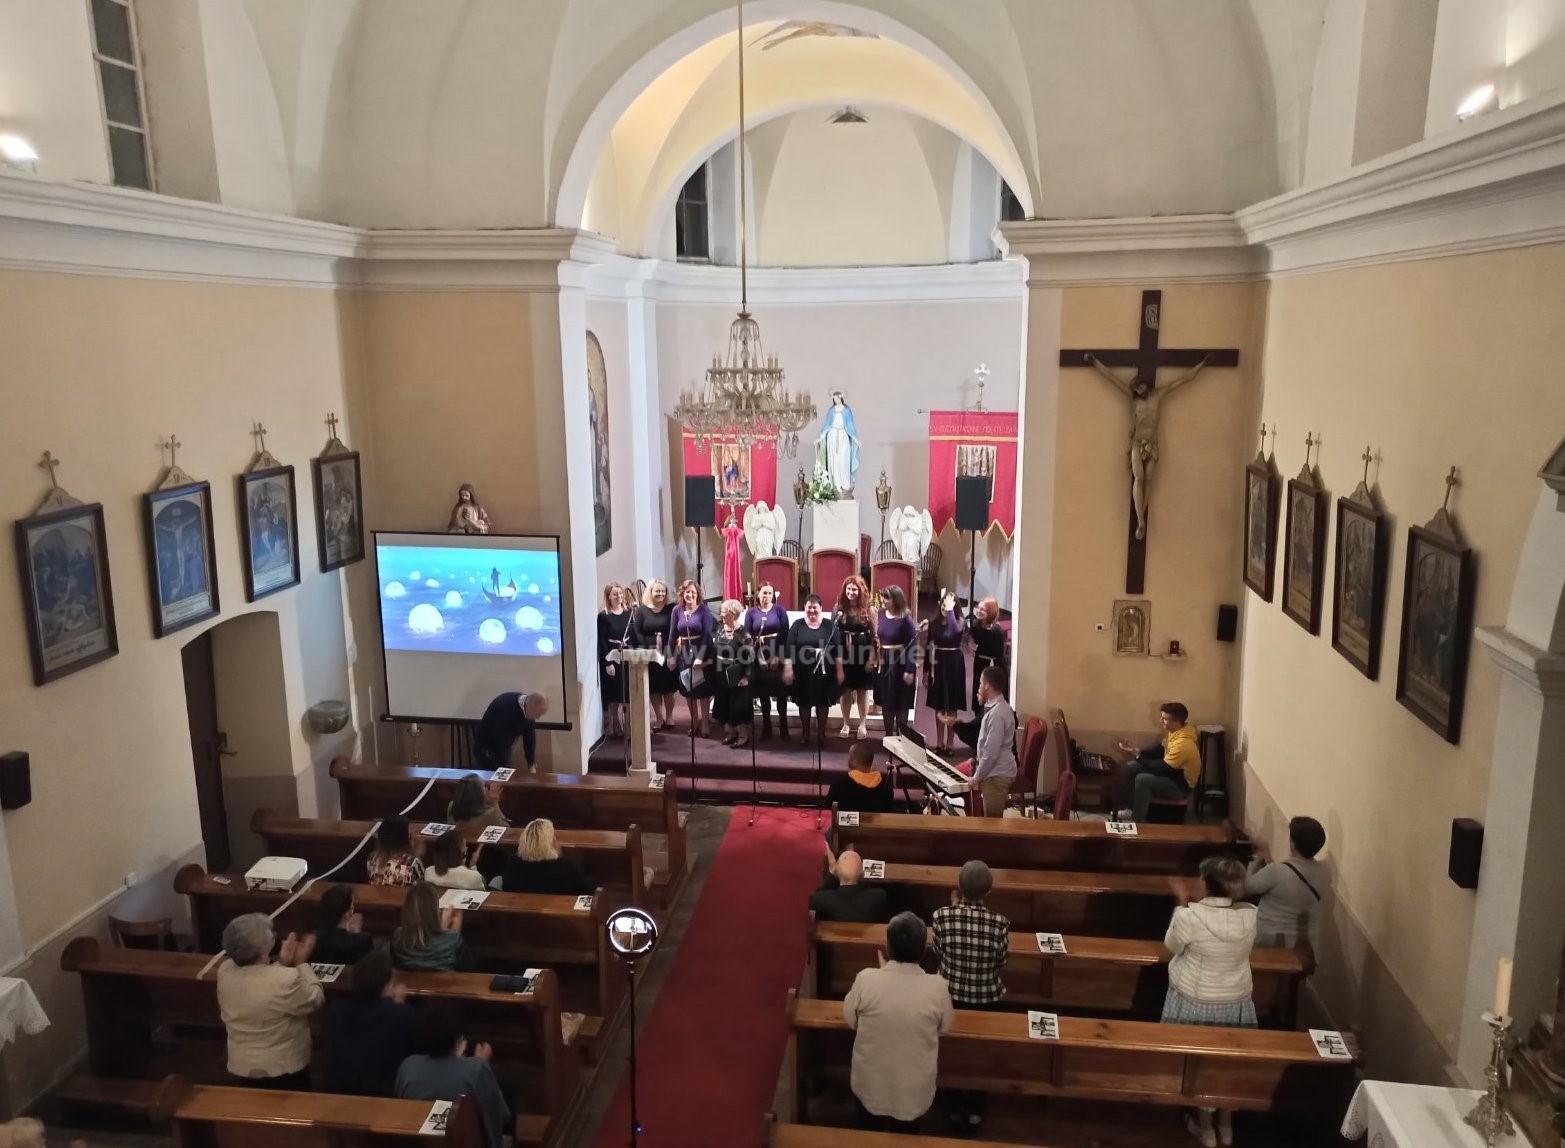 foto video prigodnim duhovnim koncertom u izvedbi pjevackog zbora sveti kuzma i damjan zapocelo obiljezavanje kuzmove